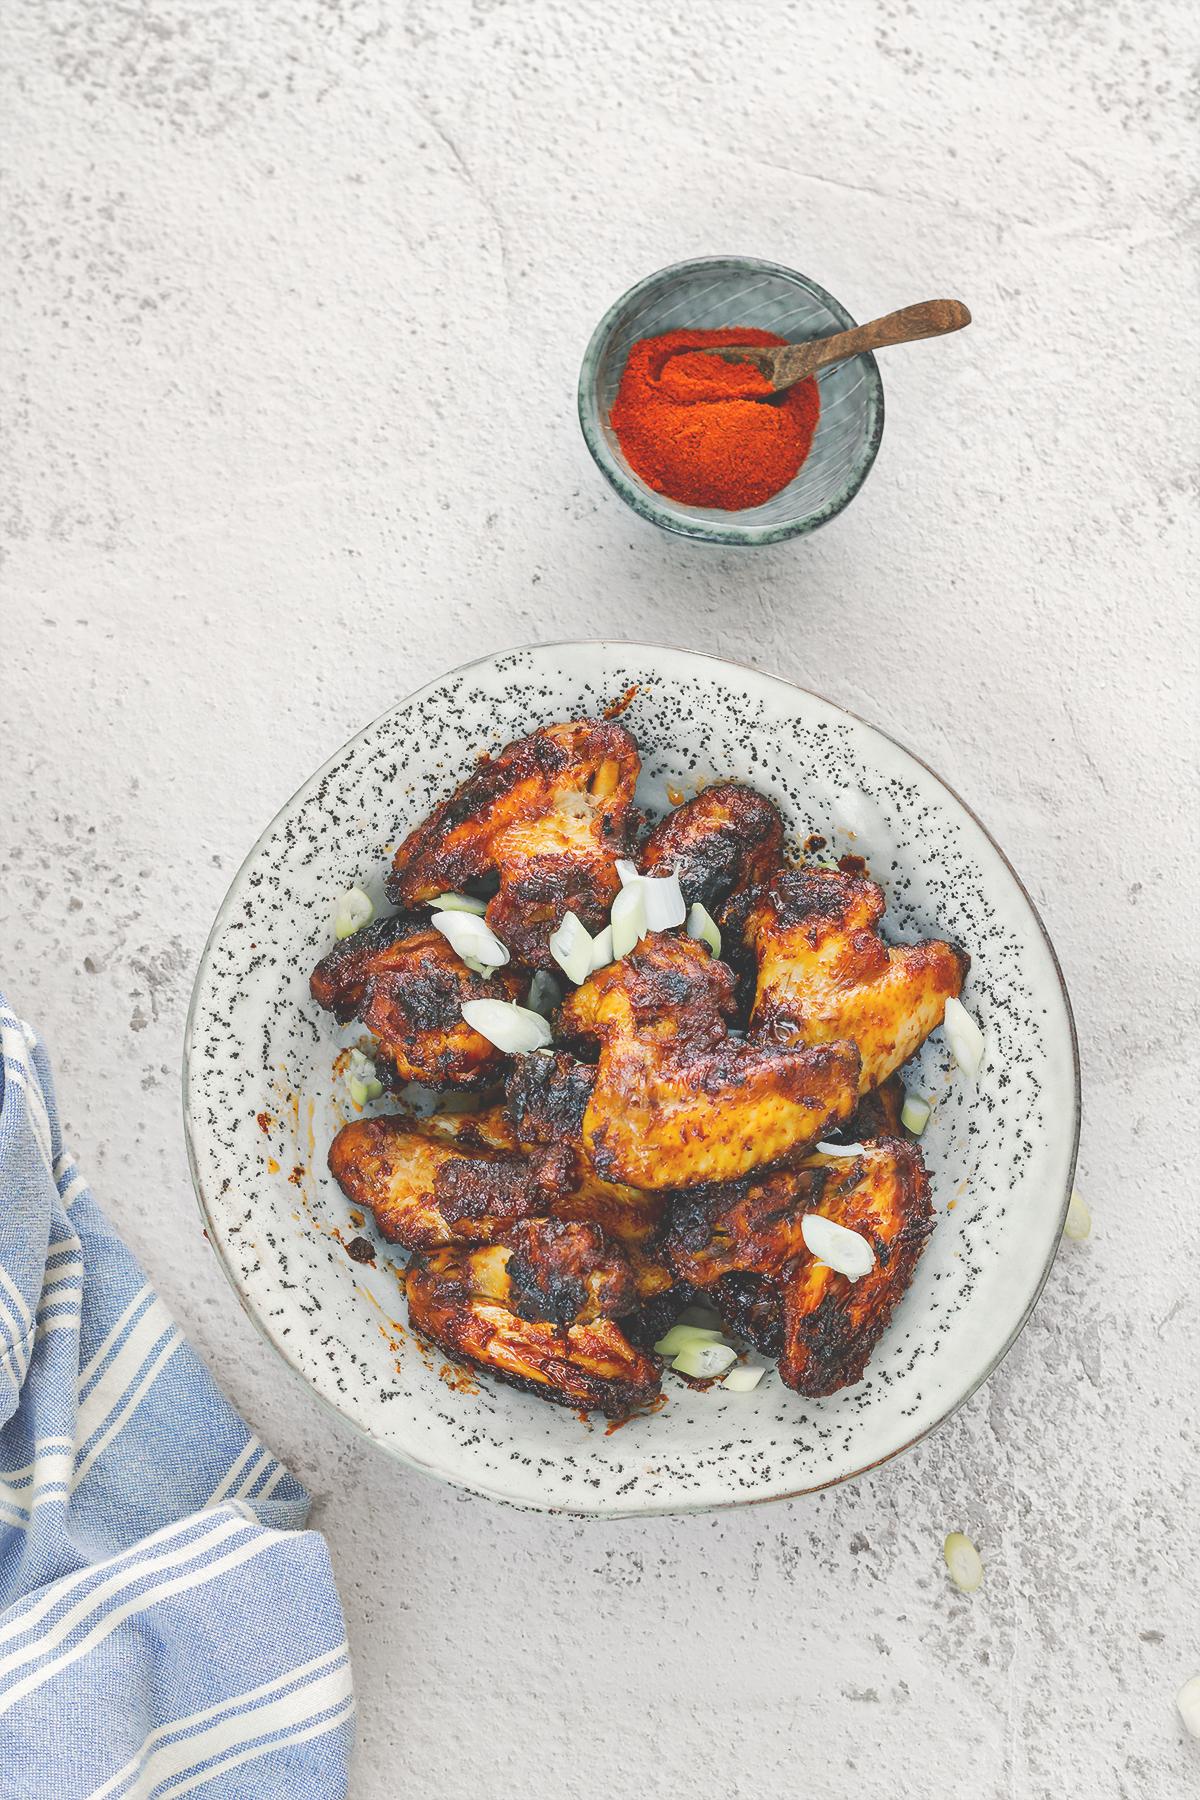 keto skrzydelka obiad dieta zdrowe odchudzanie lchfdieta